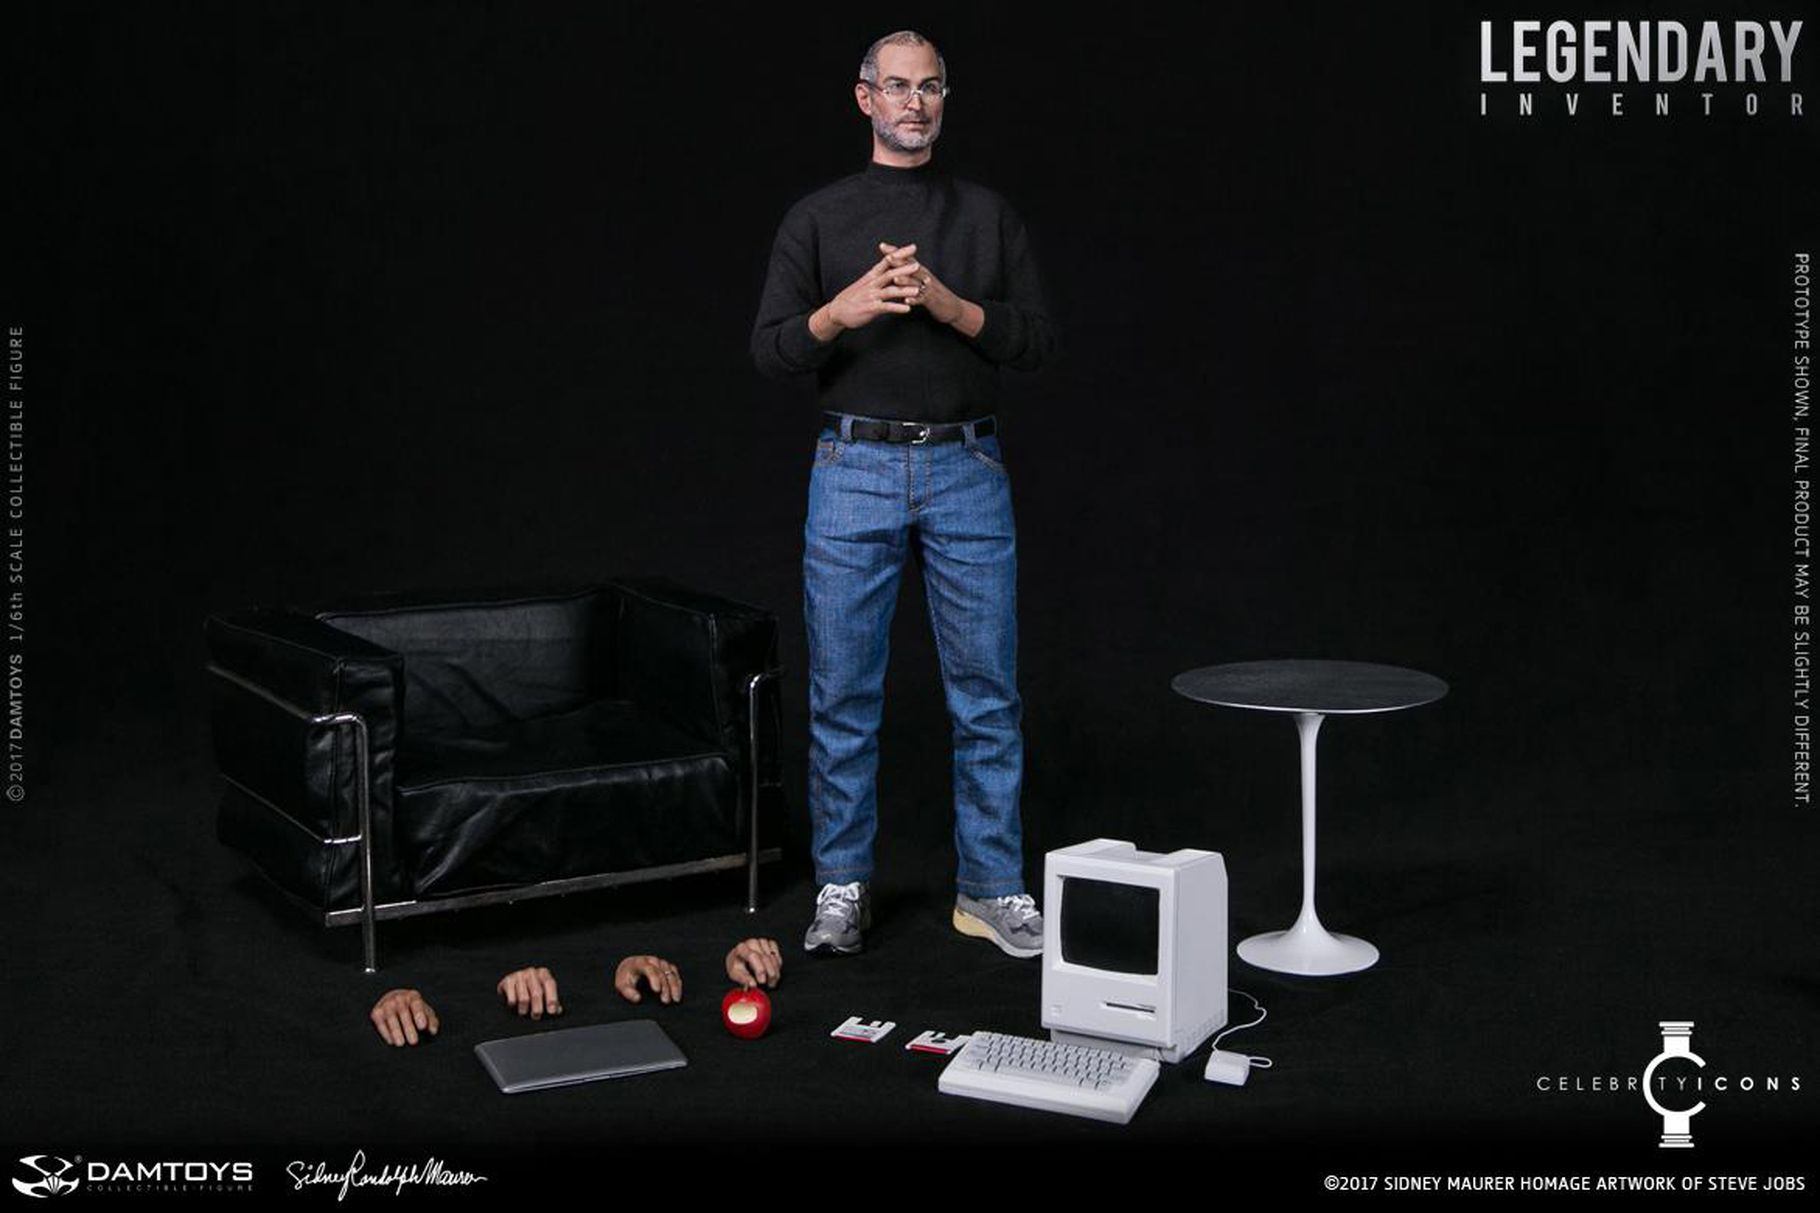 Steve Jobs actiefiguur